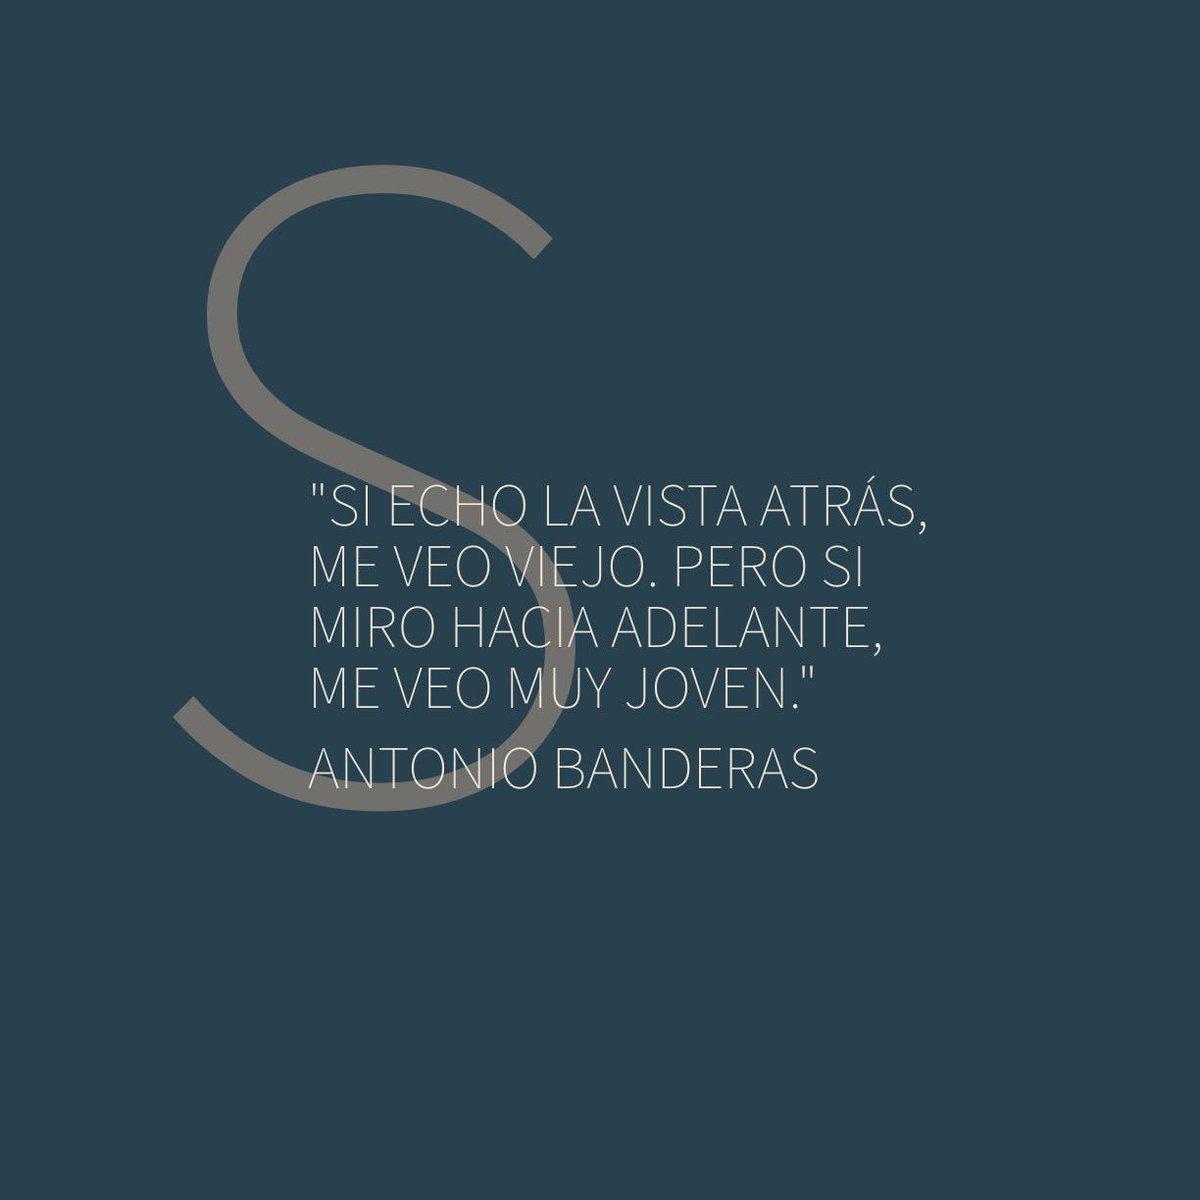 Arrancamos el domingo con esta gran frase de @antoniobanderas en los #Goya2015 con la que me siento tan identificado. http://t.co/qcOkEtJIOg